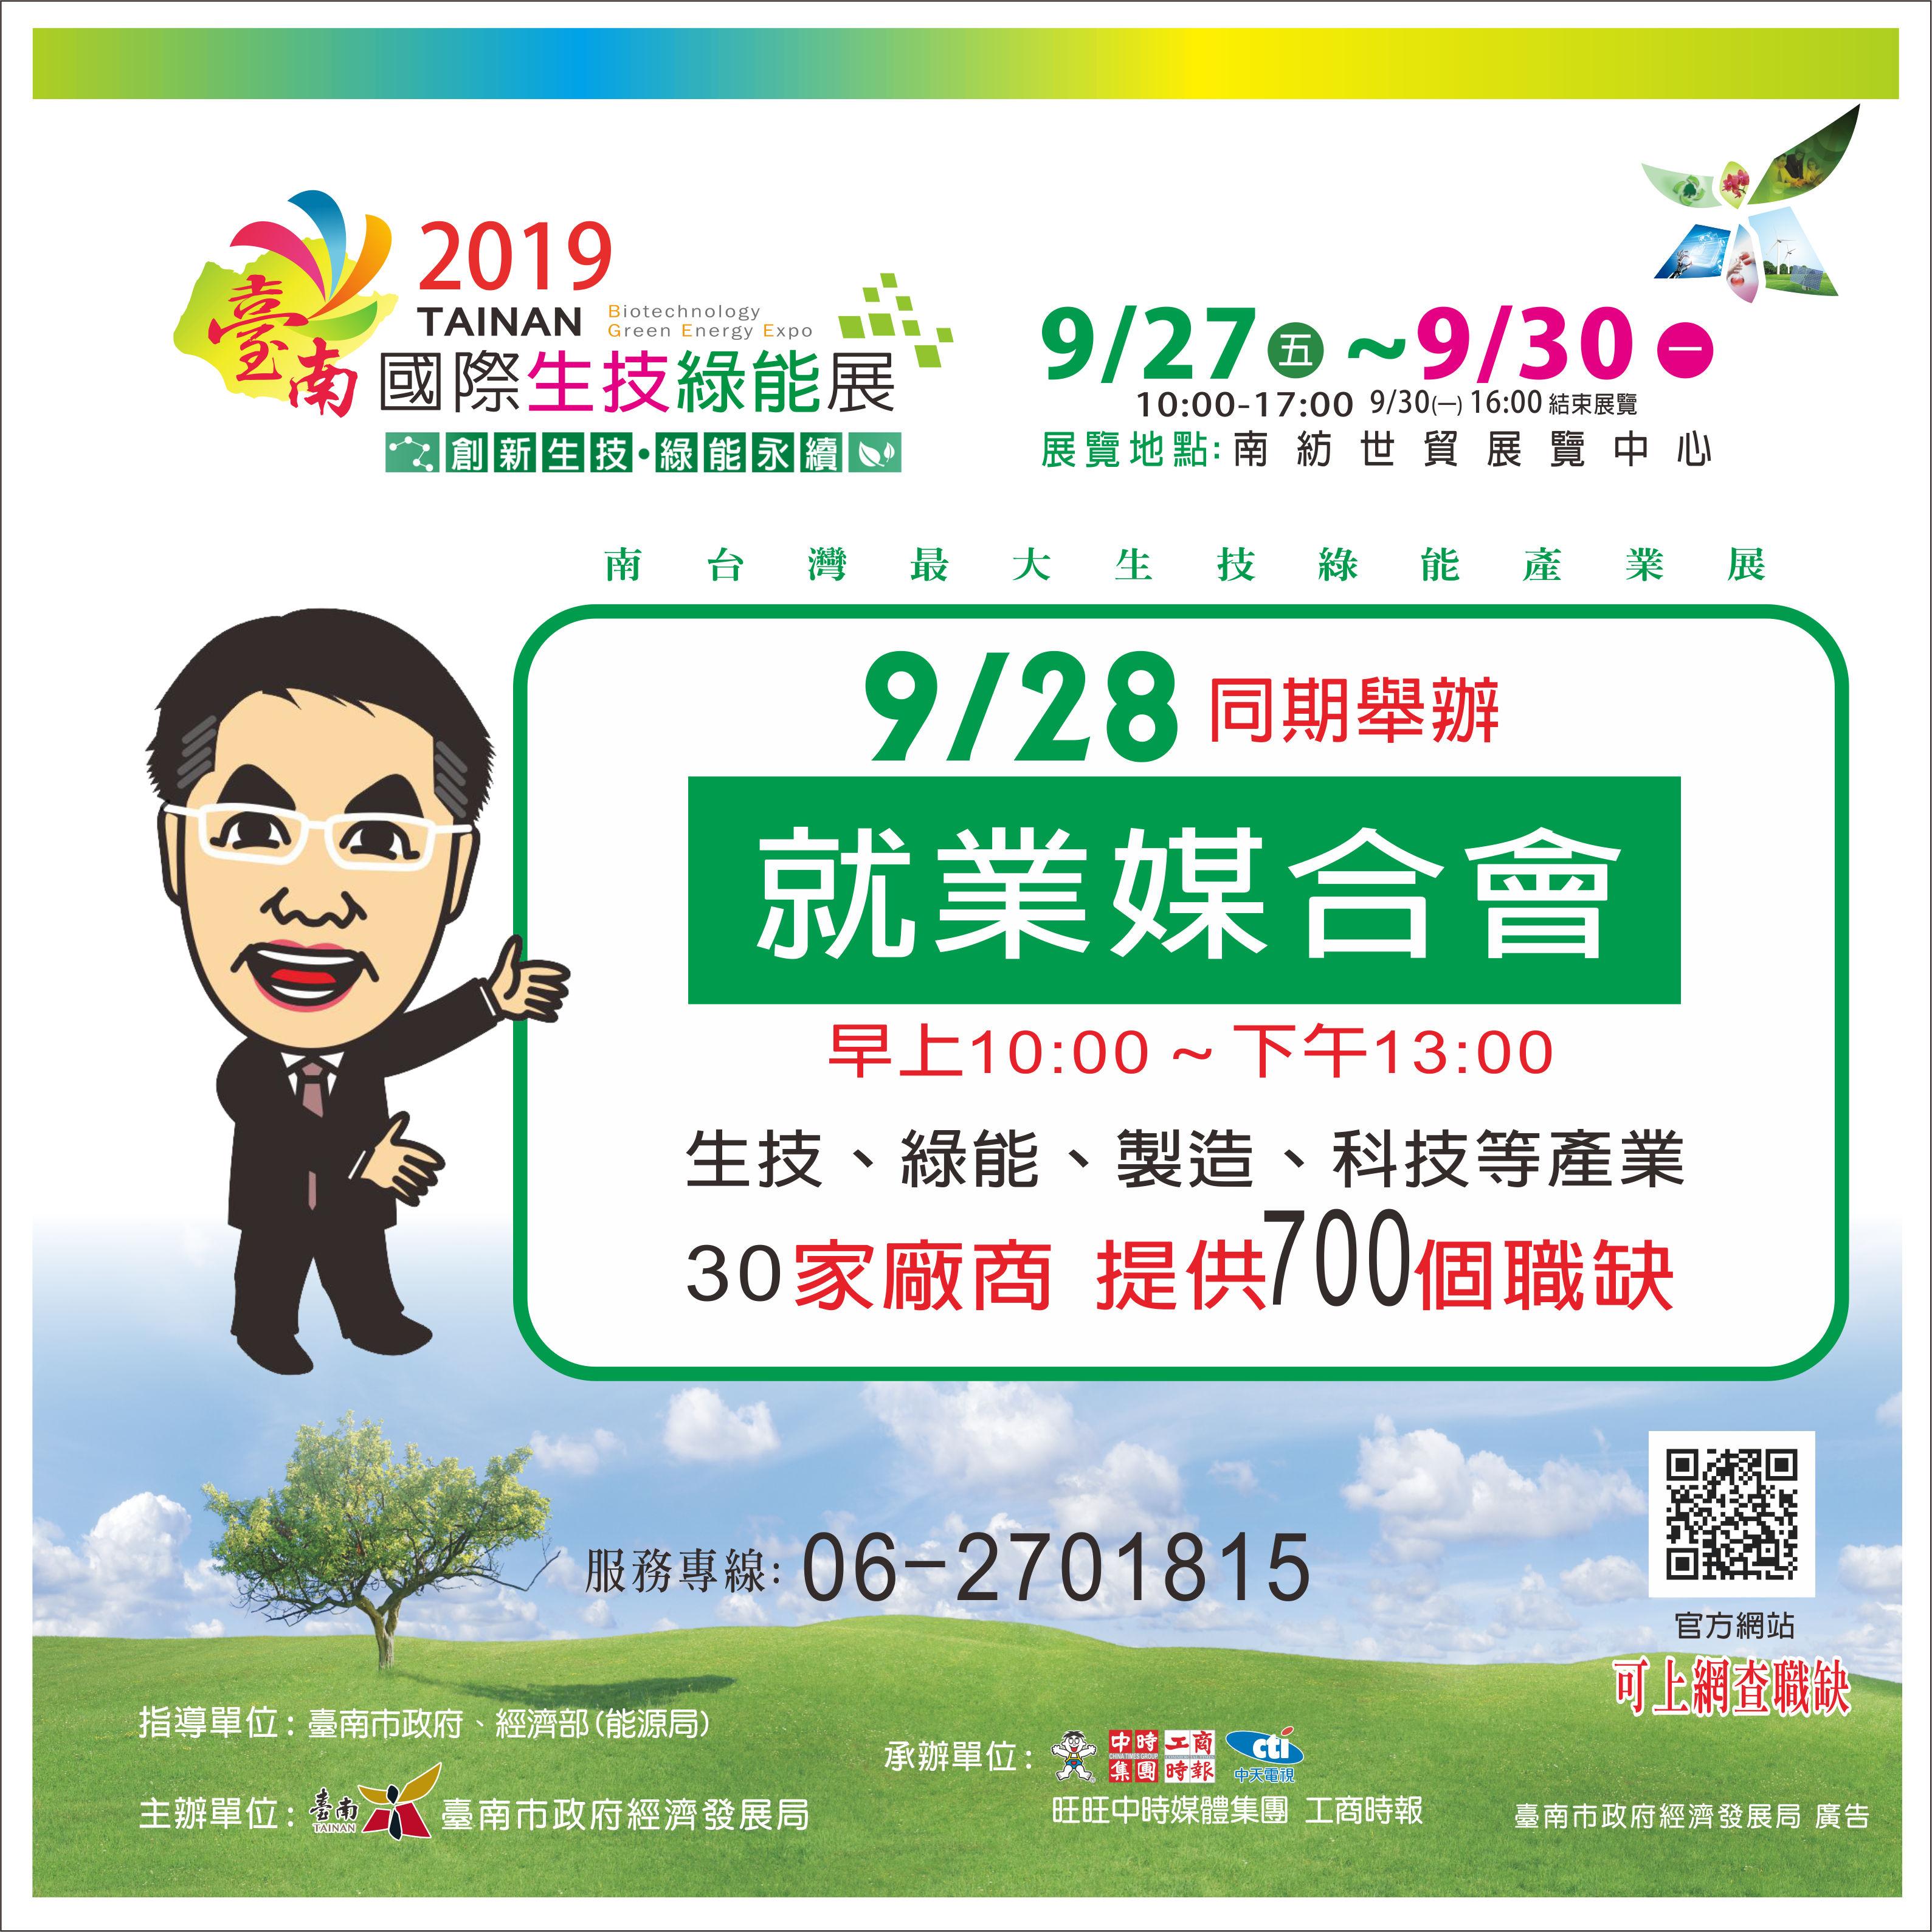 2019臺南國際生技綠能展就業媒合會